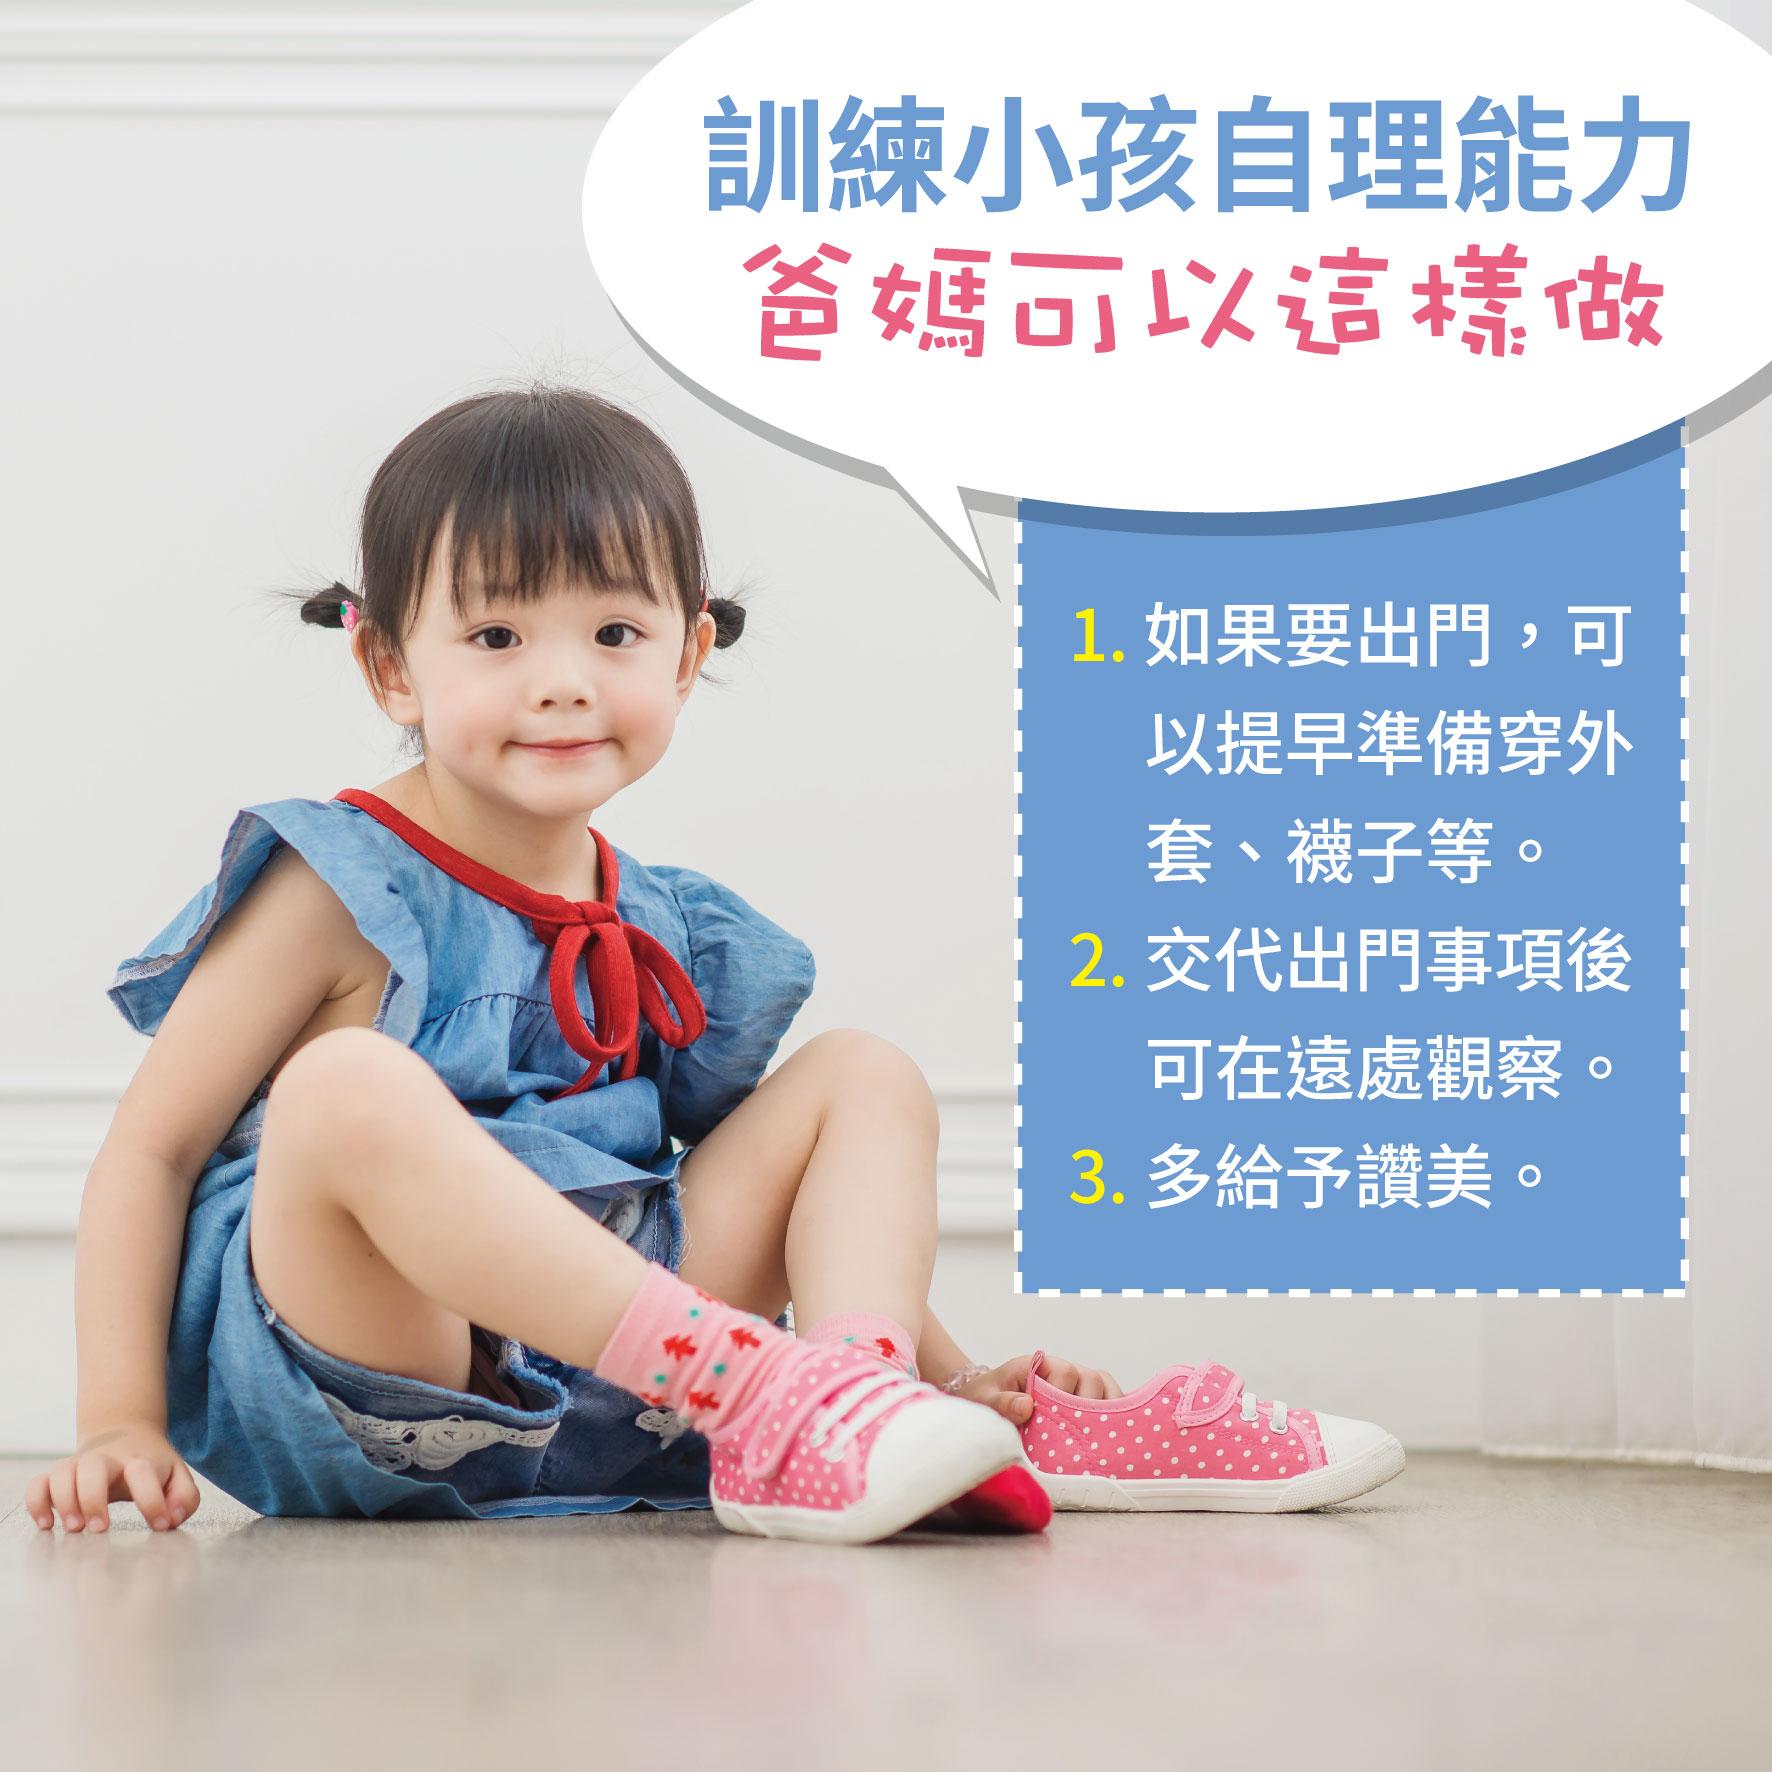 幼兒3歲 (第10週)訓練小孩自理能力 爸媽可以這樣做